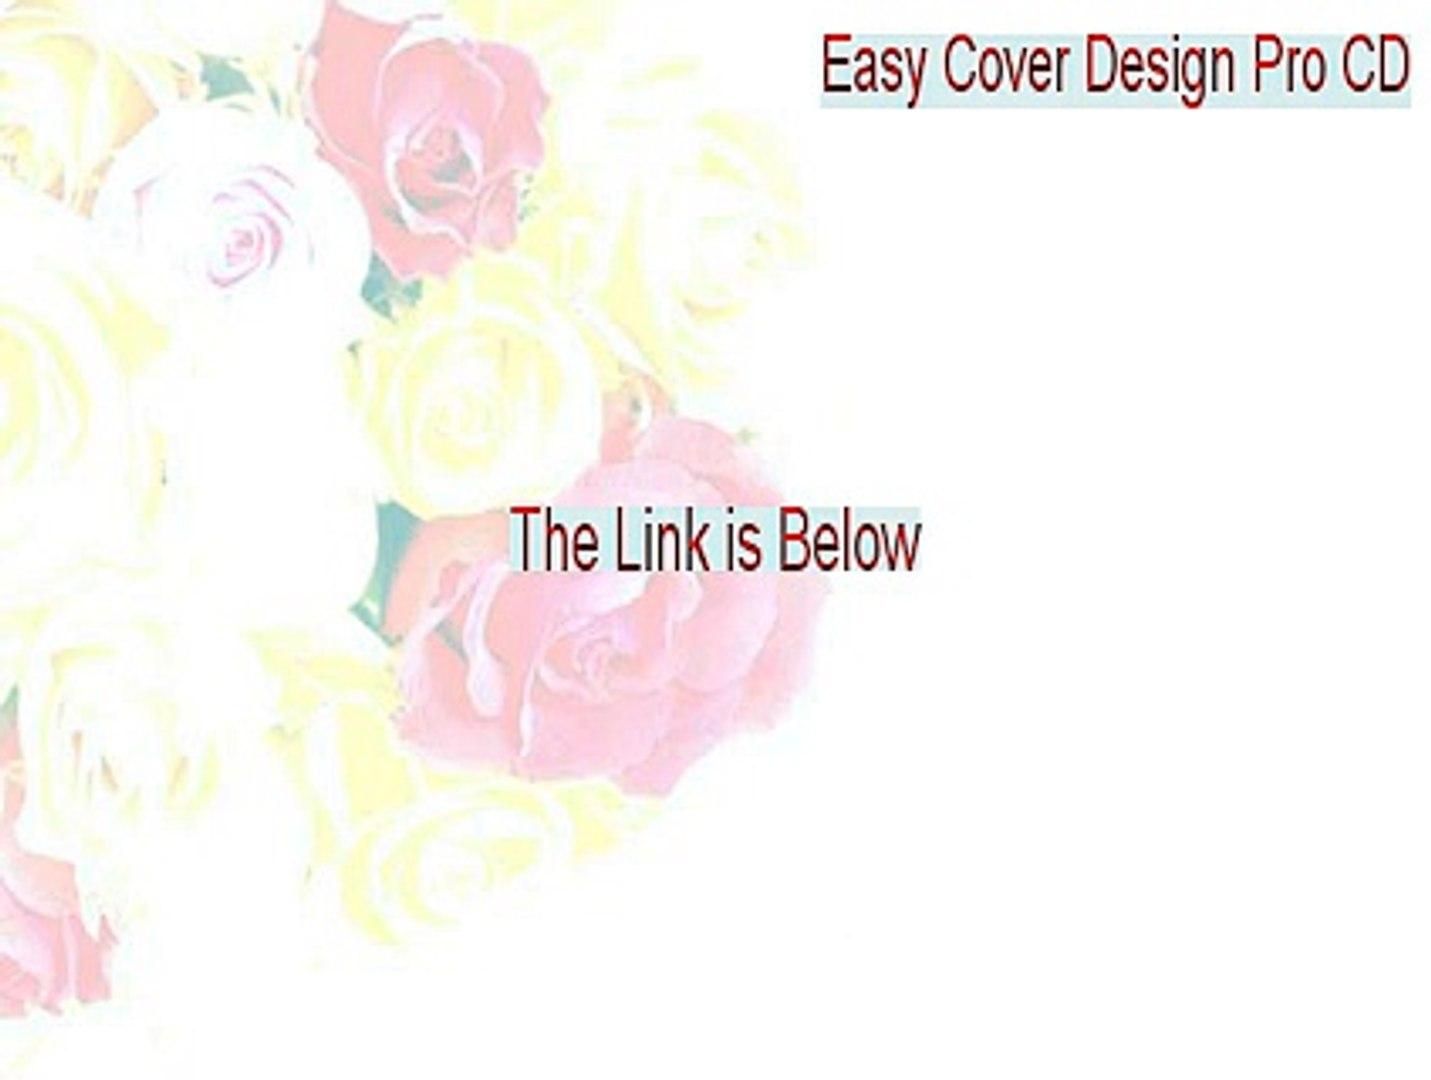 Easy Cover Design Pro CD/DVD Label Maker Full - Easy Cover Design Pro CDeasy cover design pro cd/dvd